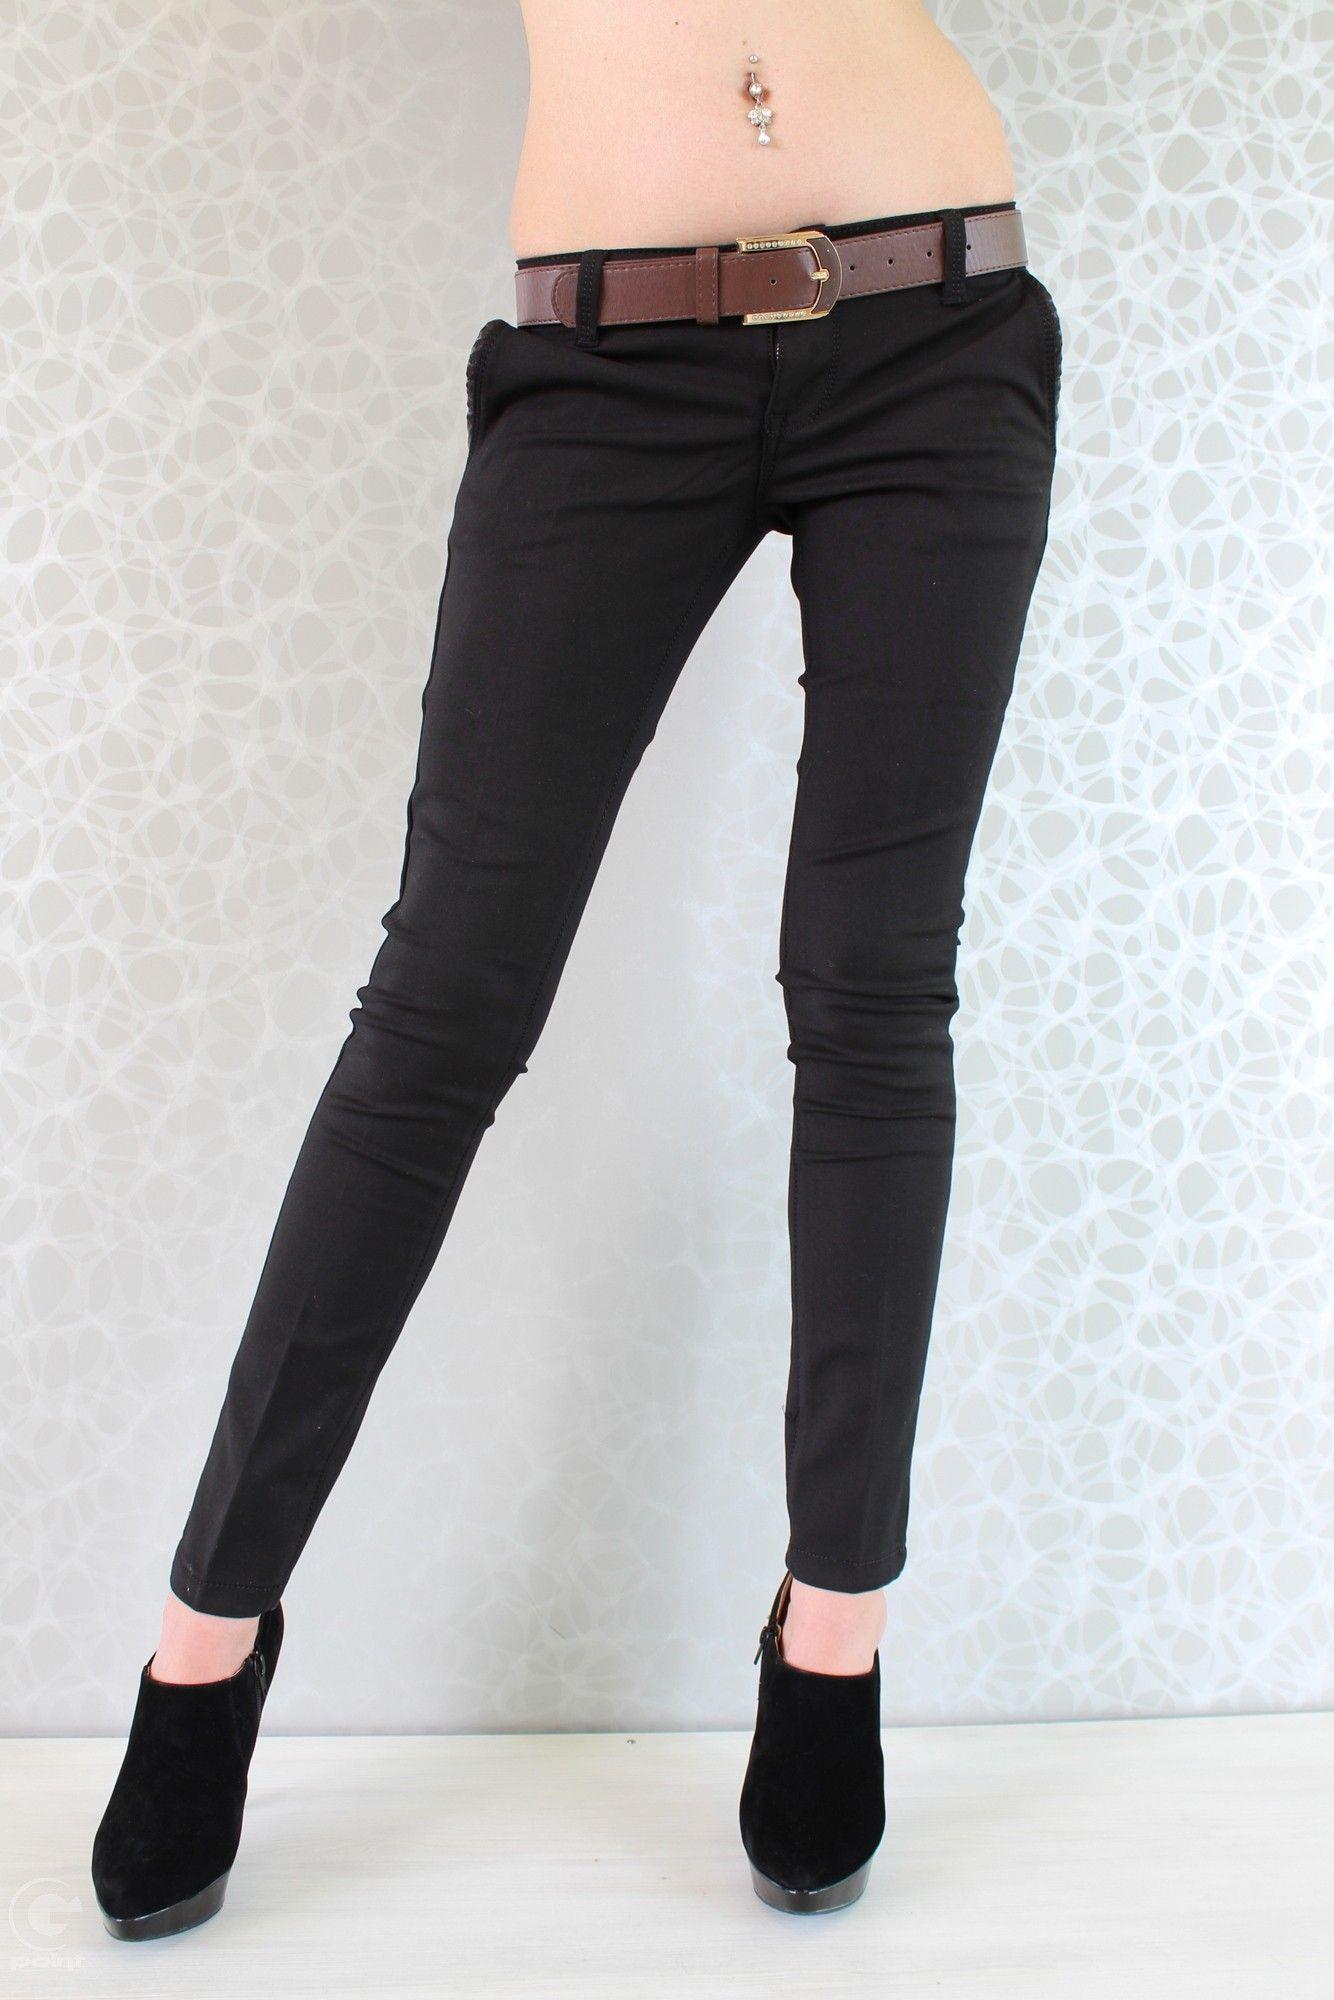 bbb17b853fd Панталоните са една от най - носените дрехи в ежедневието. Модел Елия е  стилен и